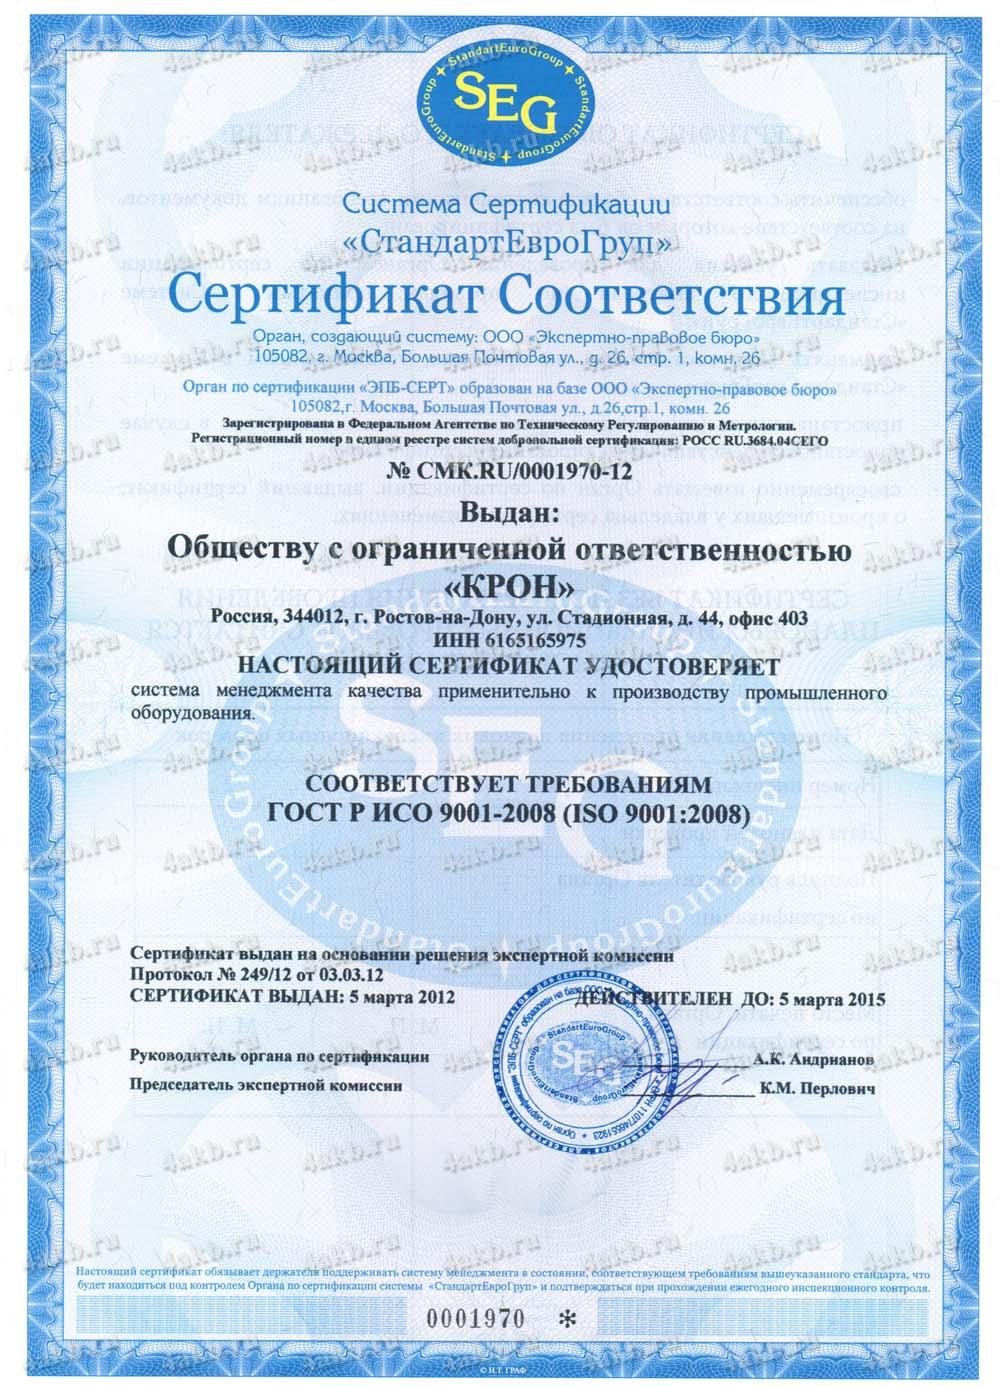 Сертификат на зарядные шкафы для гражданской авиации